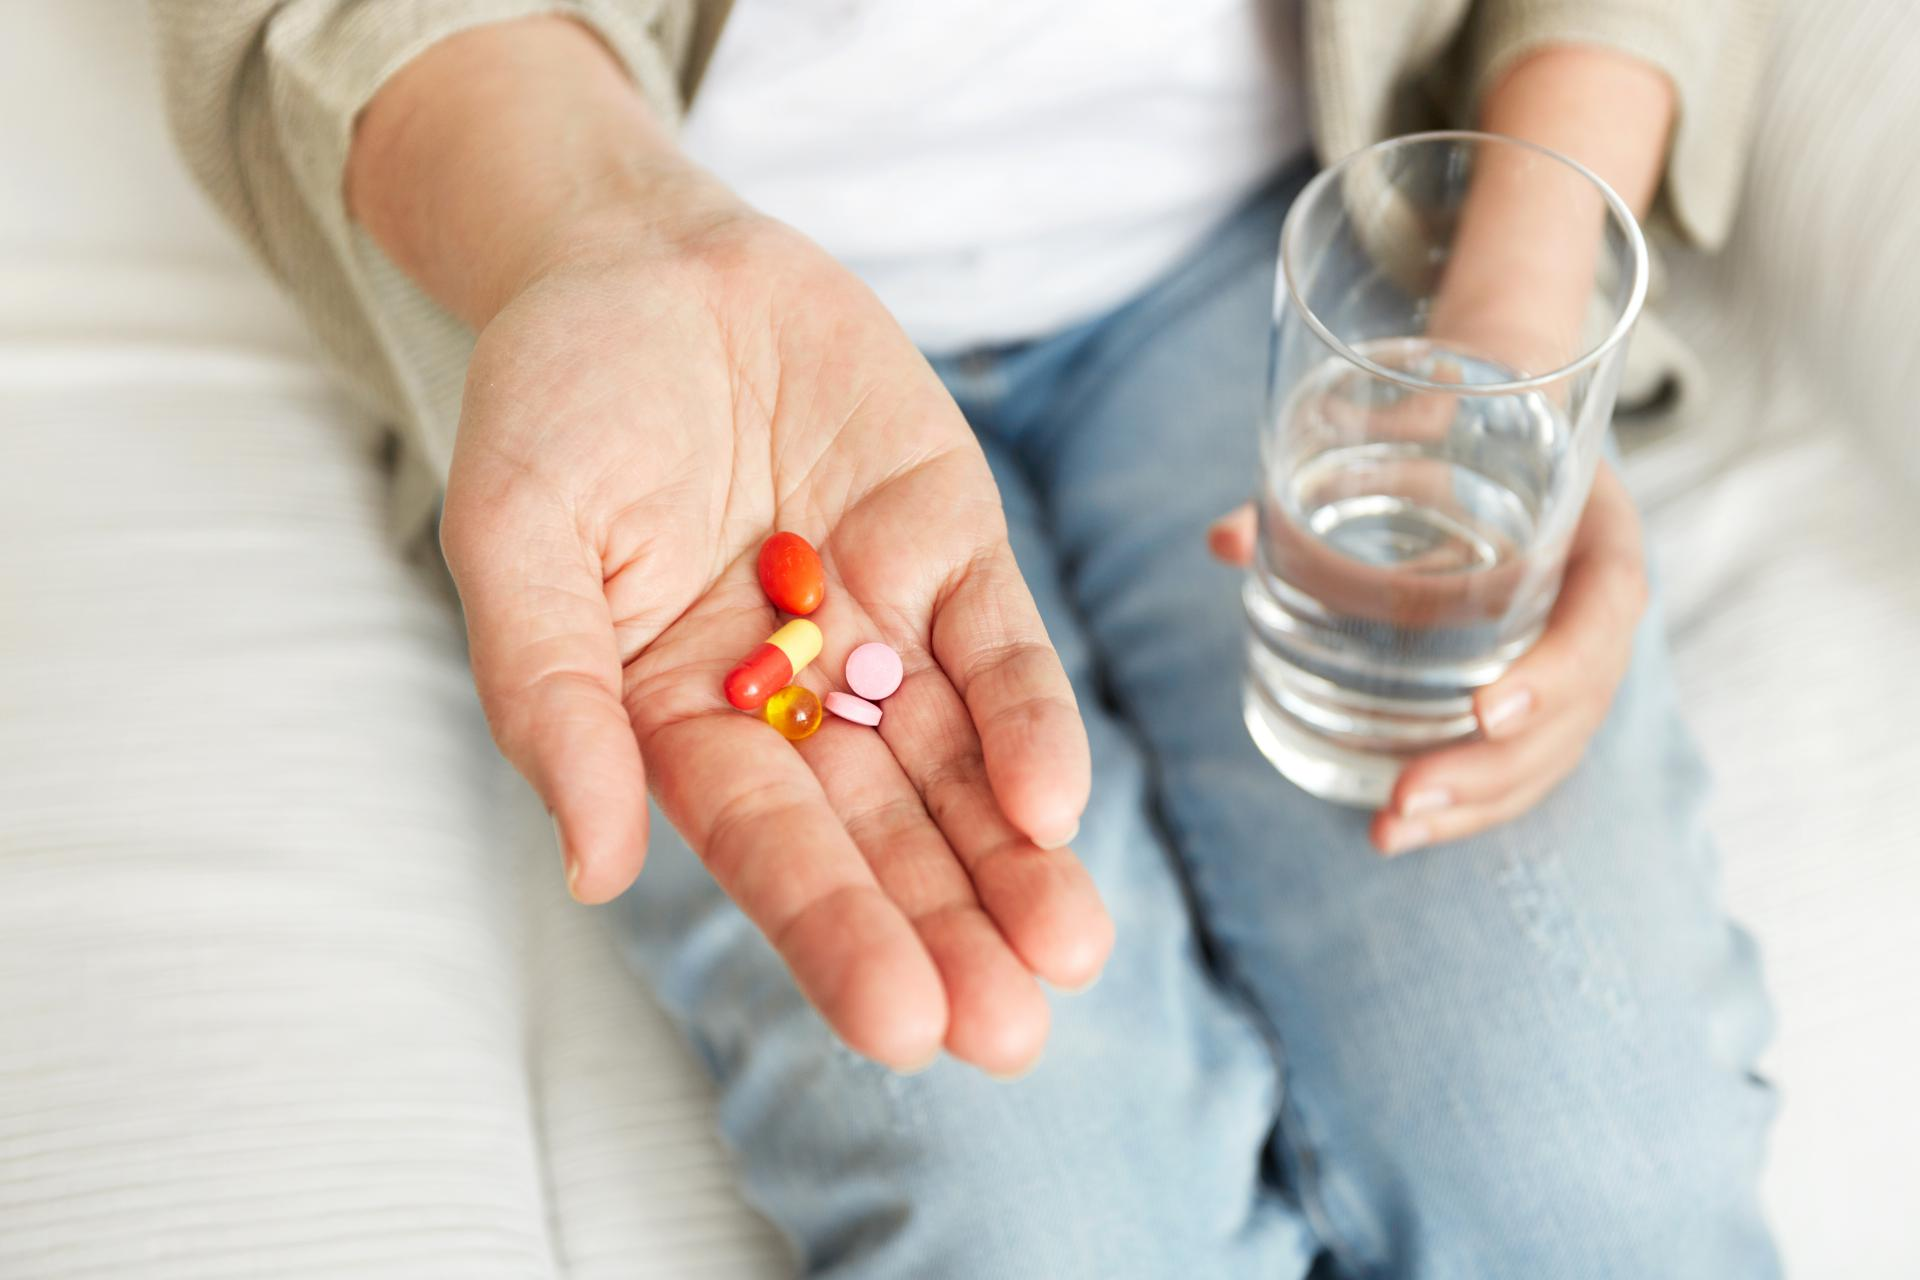 ono vrijeme je da se lijek za hipertenziju)